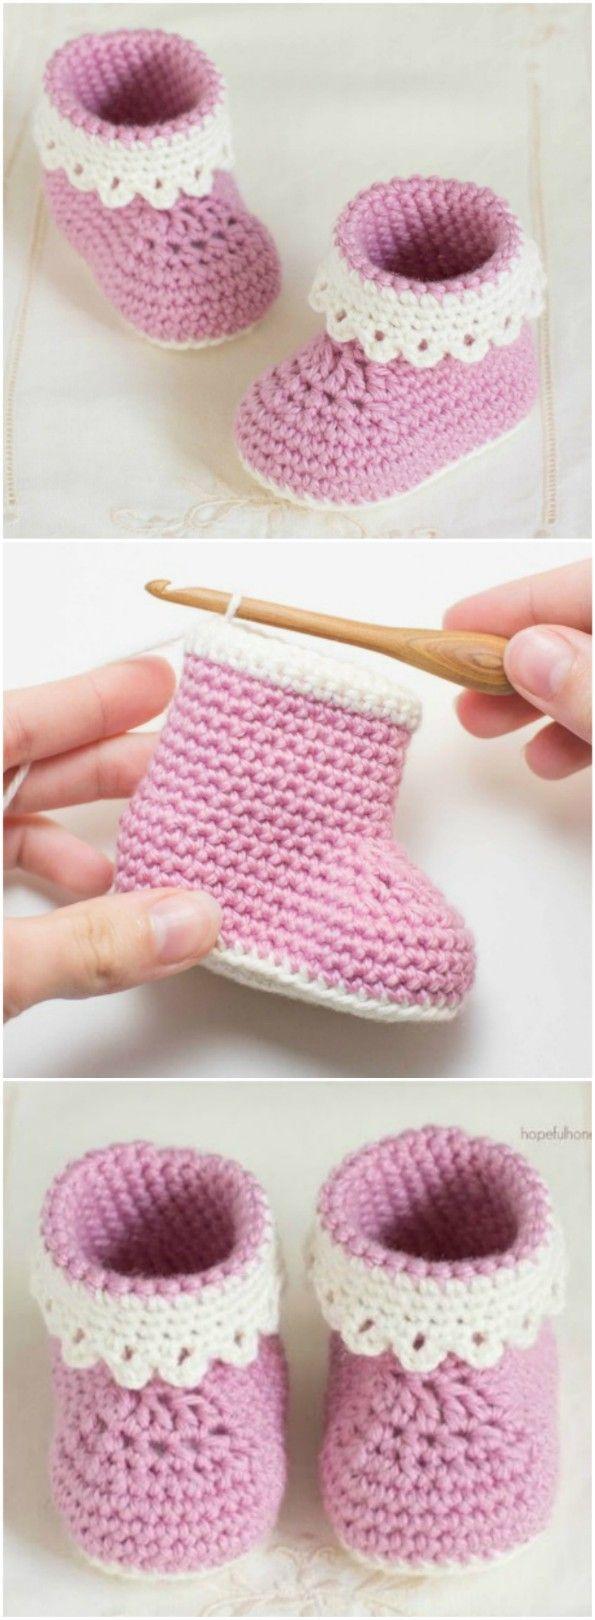 Häkeln Sie Baby Booties Muster viele der süßesten Idee